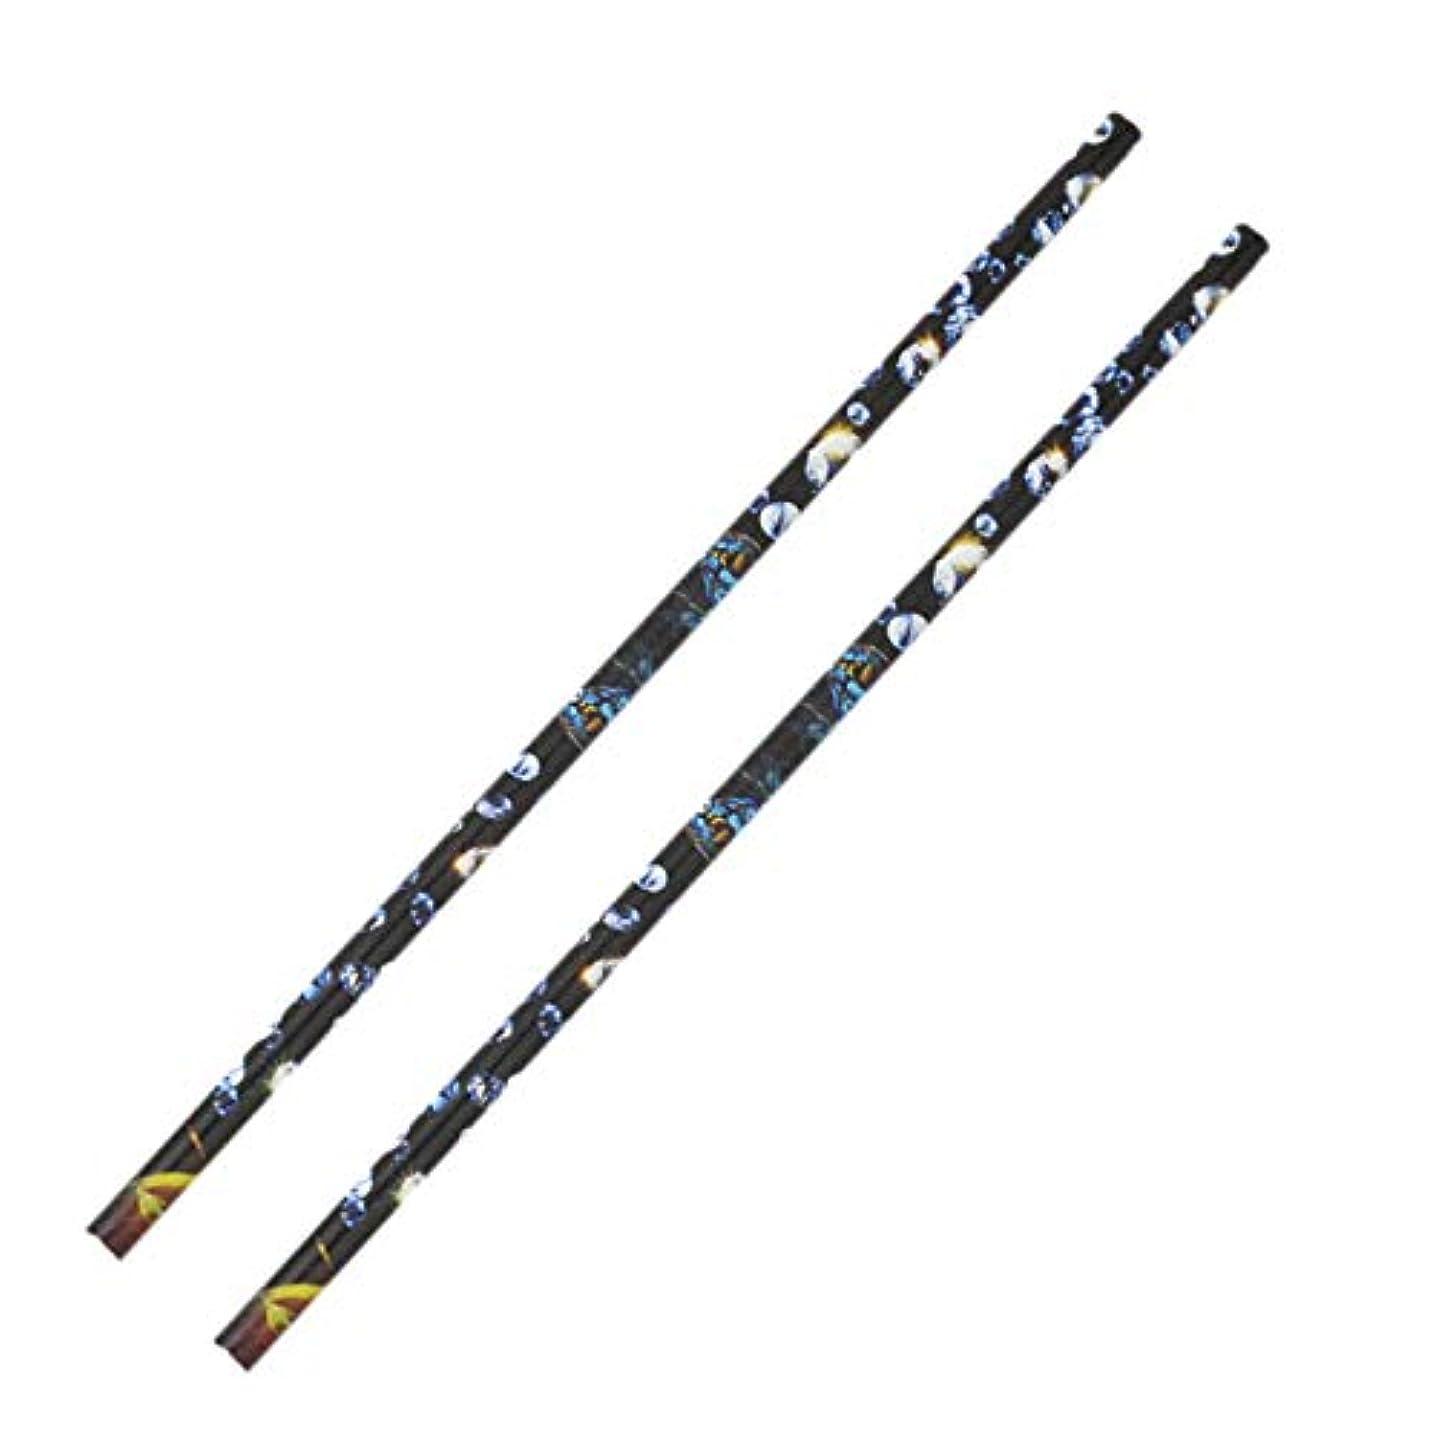 TOOGOO 2個 クリスタル ラインストーン ピッカー鉛筆ネイルアートクラフト装飾ツール ワックスペンDIYスティッキードリルクレヨンラインストーンスティックドリルペン マニキュアツール